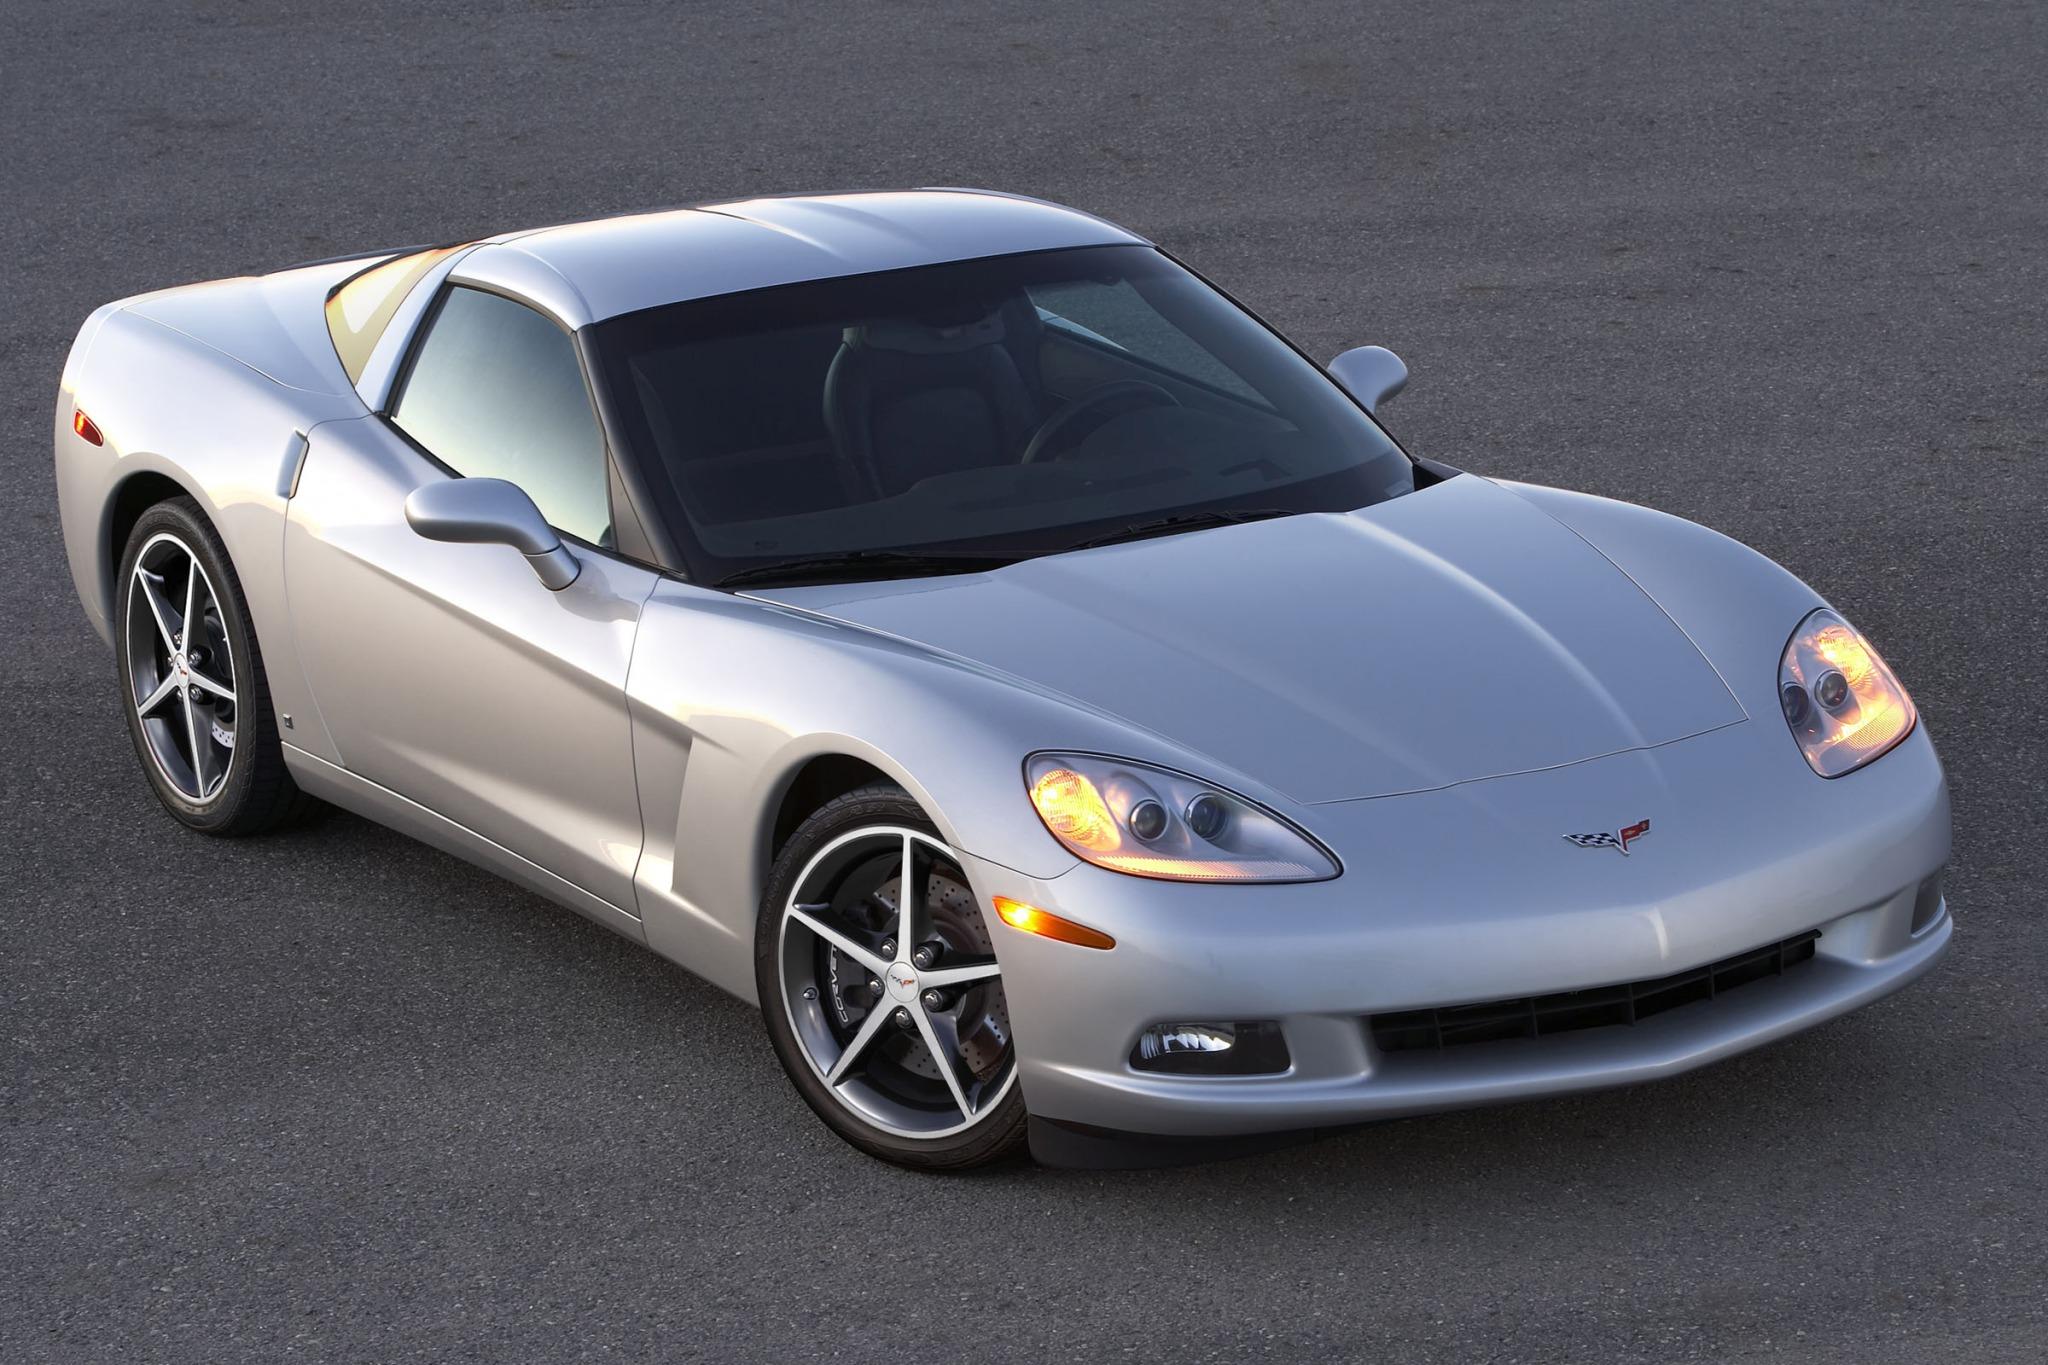 2012 chevrolet corvette coupe base fq oem 1 2048